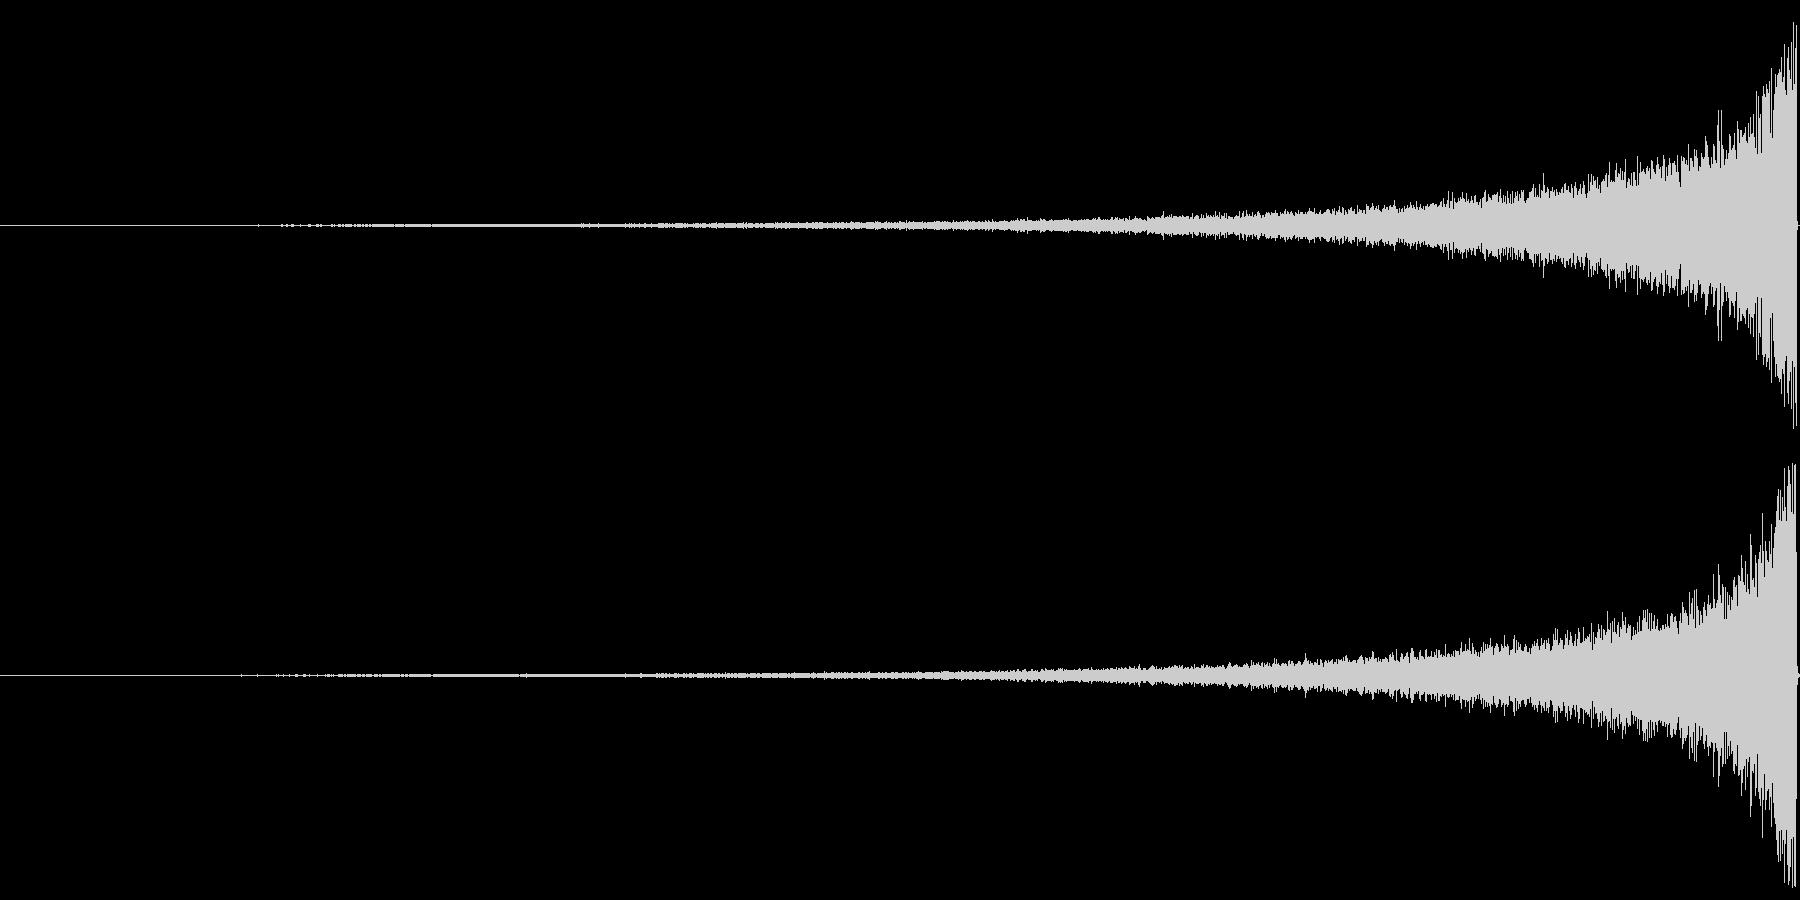 リバースシンバル・カットアウト_01の未再生の波形